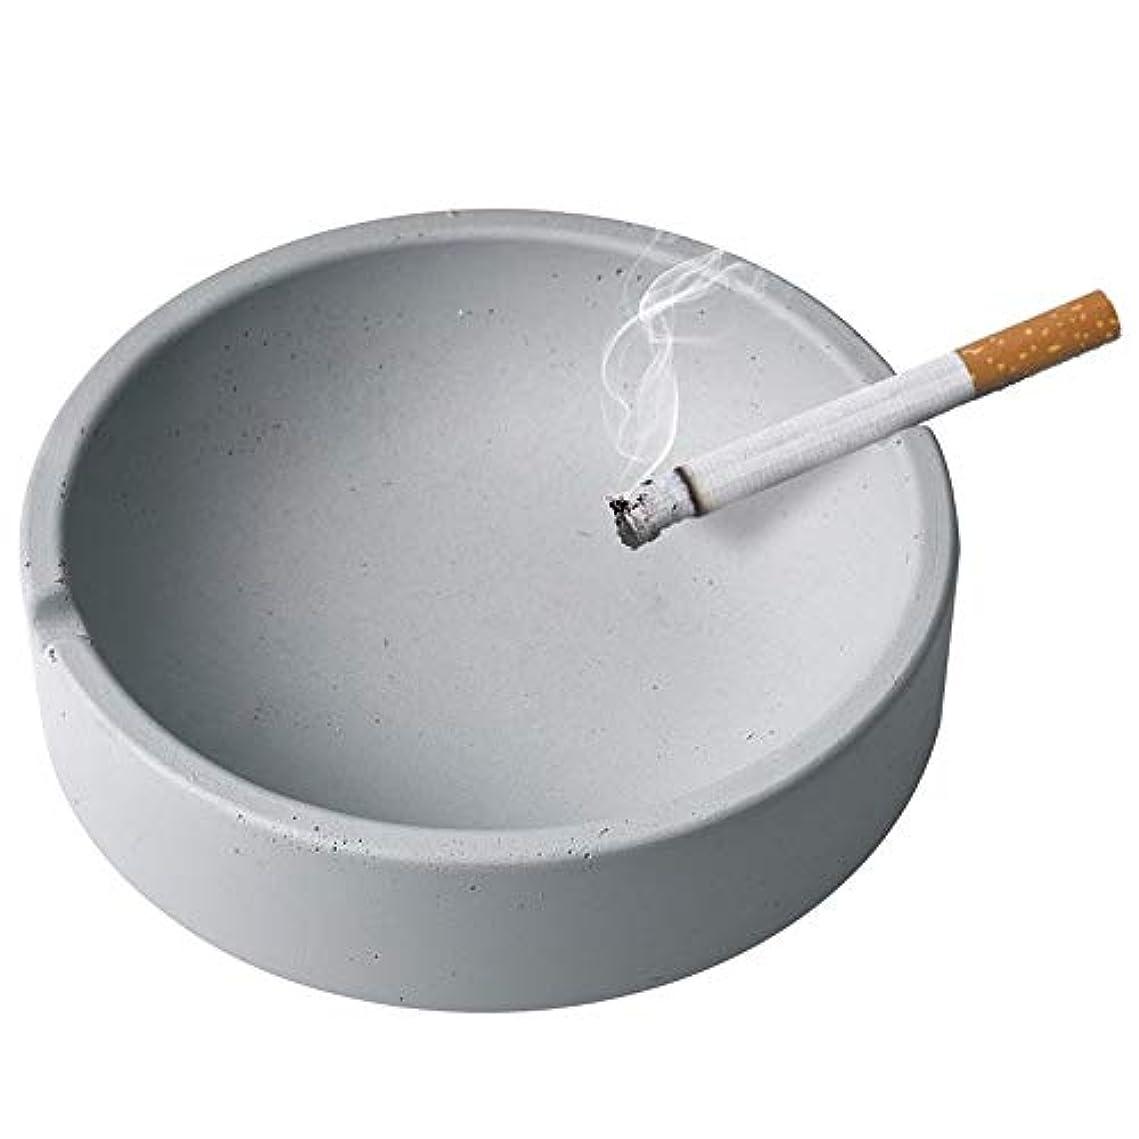 七面鳥名義で父方の家庭用産業風コンクリート灰皿、パーソナライズ屋外灰皿、多人数使用シーンリビングルームオフィスレストラン灰皿装飾 (Size : L)